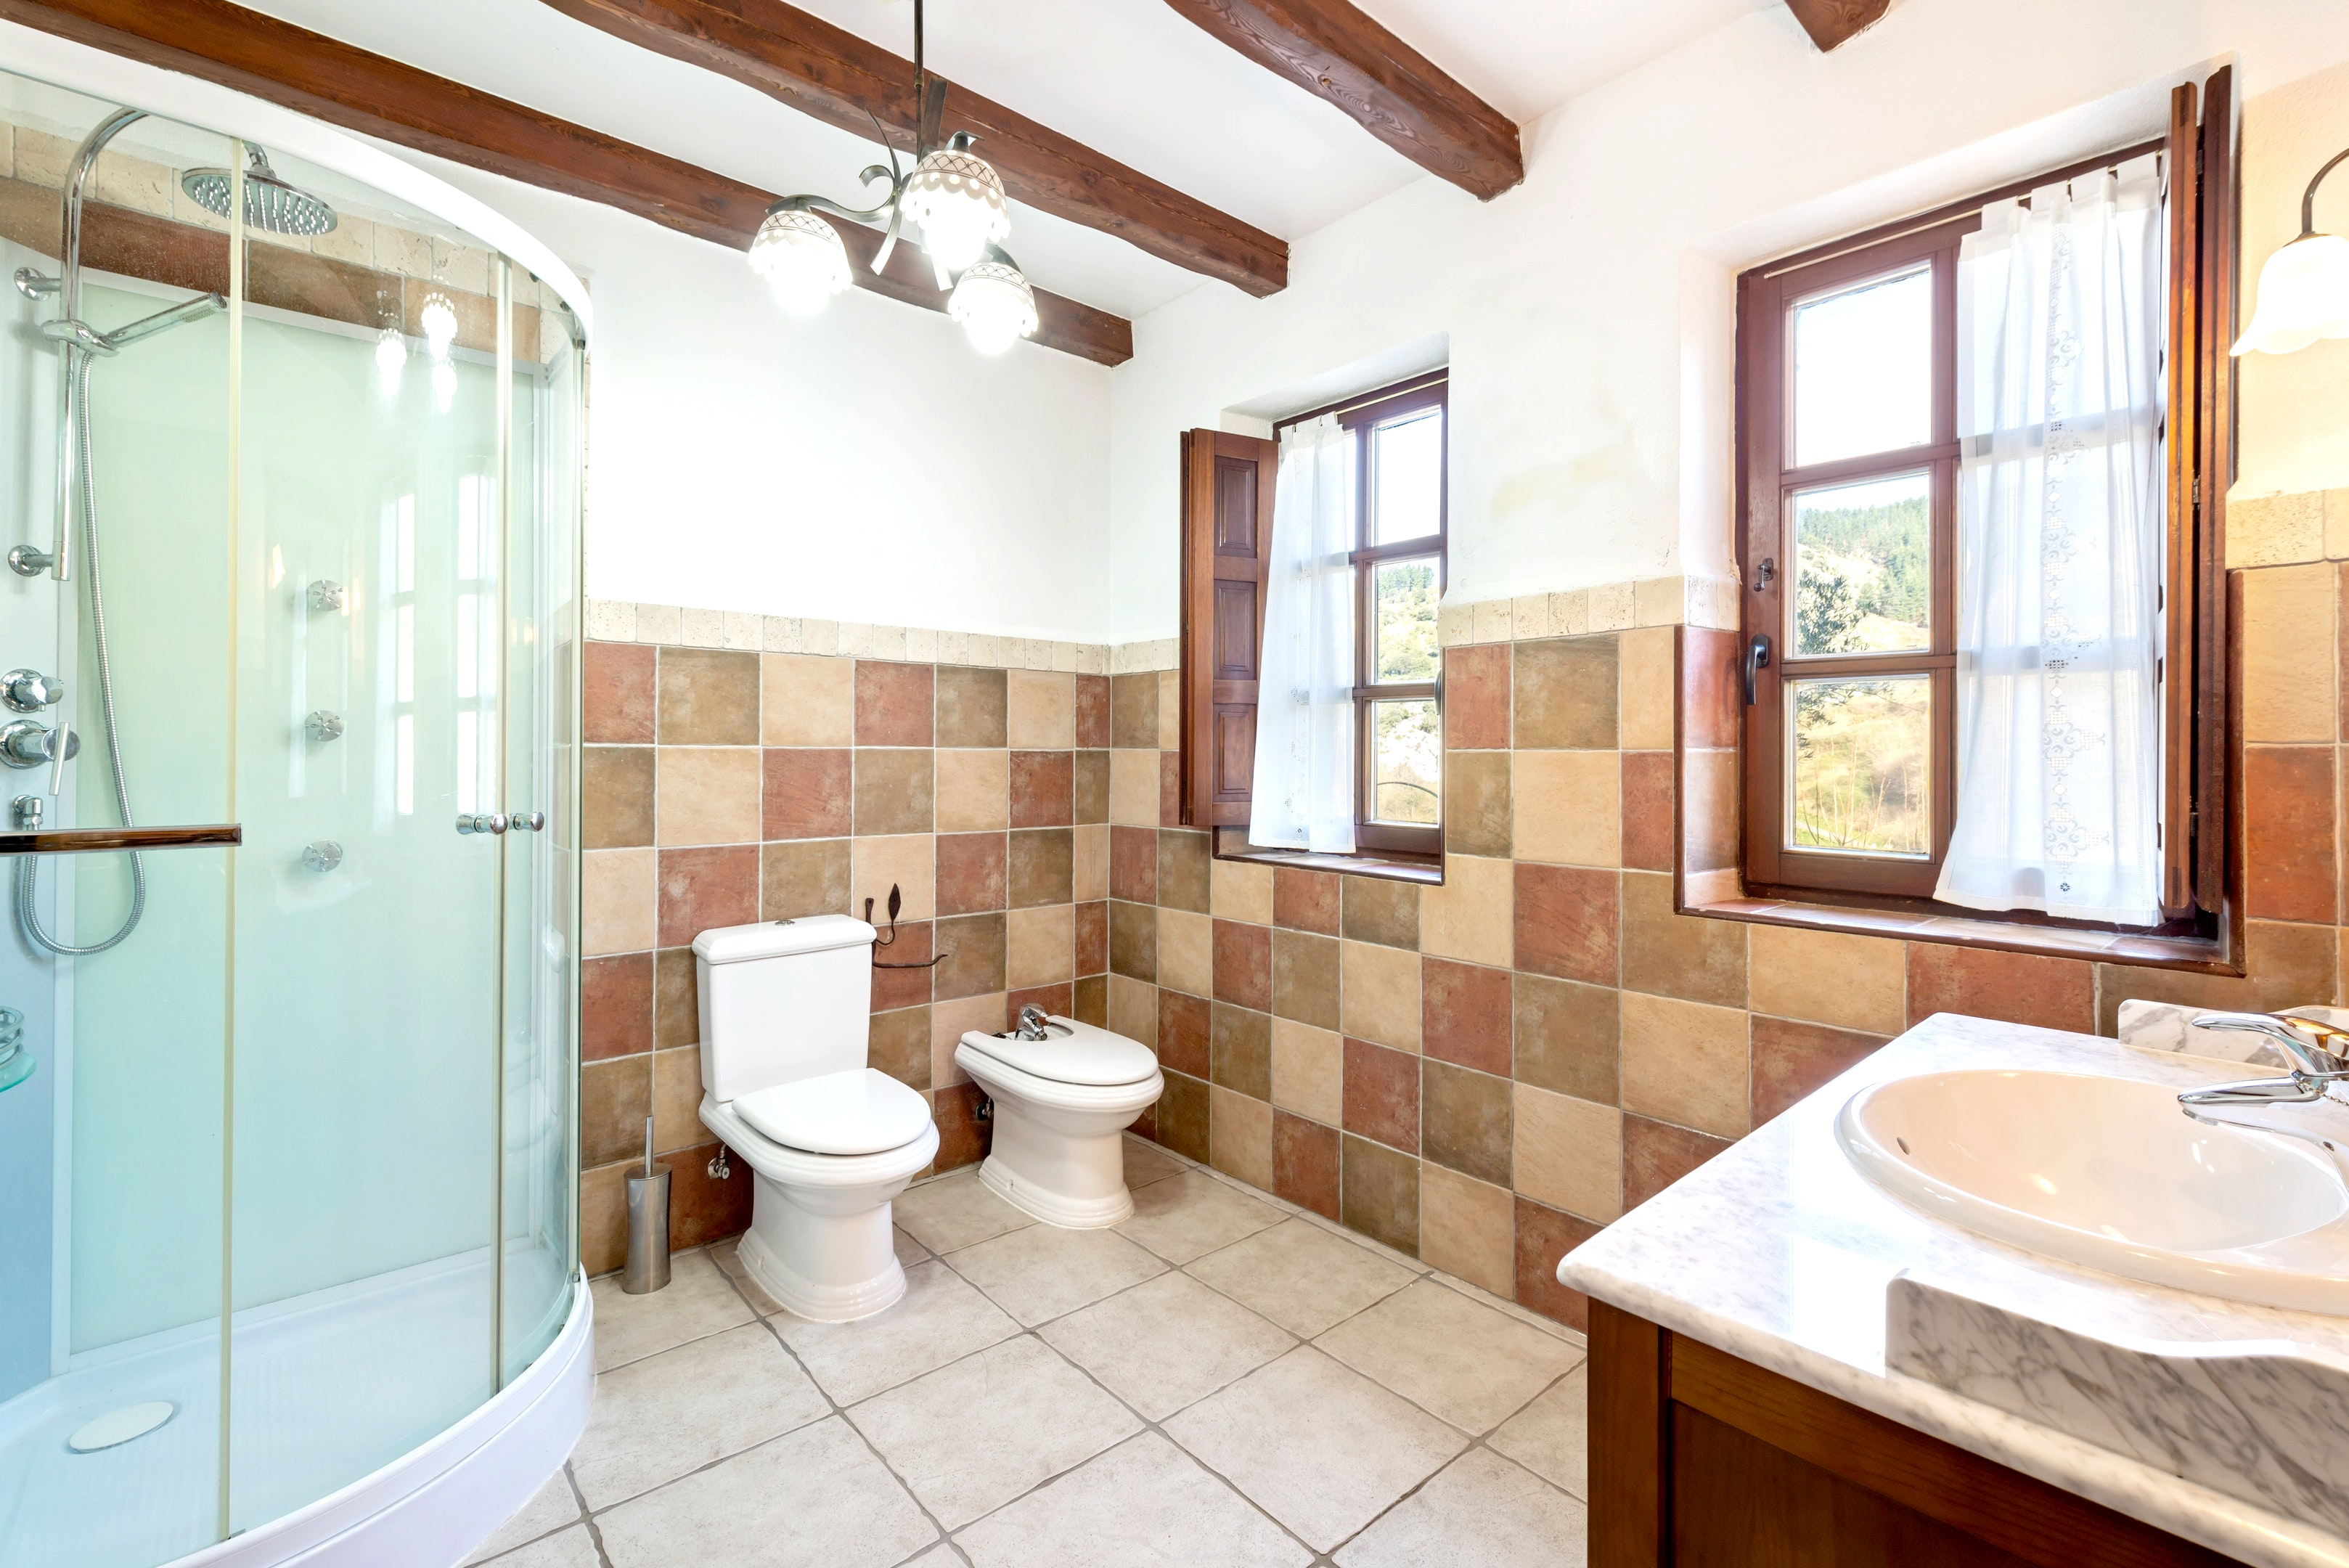 Ferienhaus Villa mit 6 Schlafzimmern in Bizkaia mit privatem Pool und möblierter Terrasse (2519370), Dima, Bizkaia, Baskenland, Spanien, Bild 16